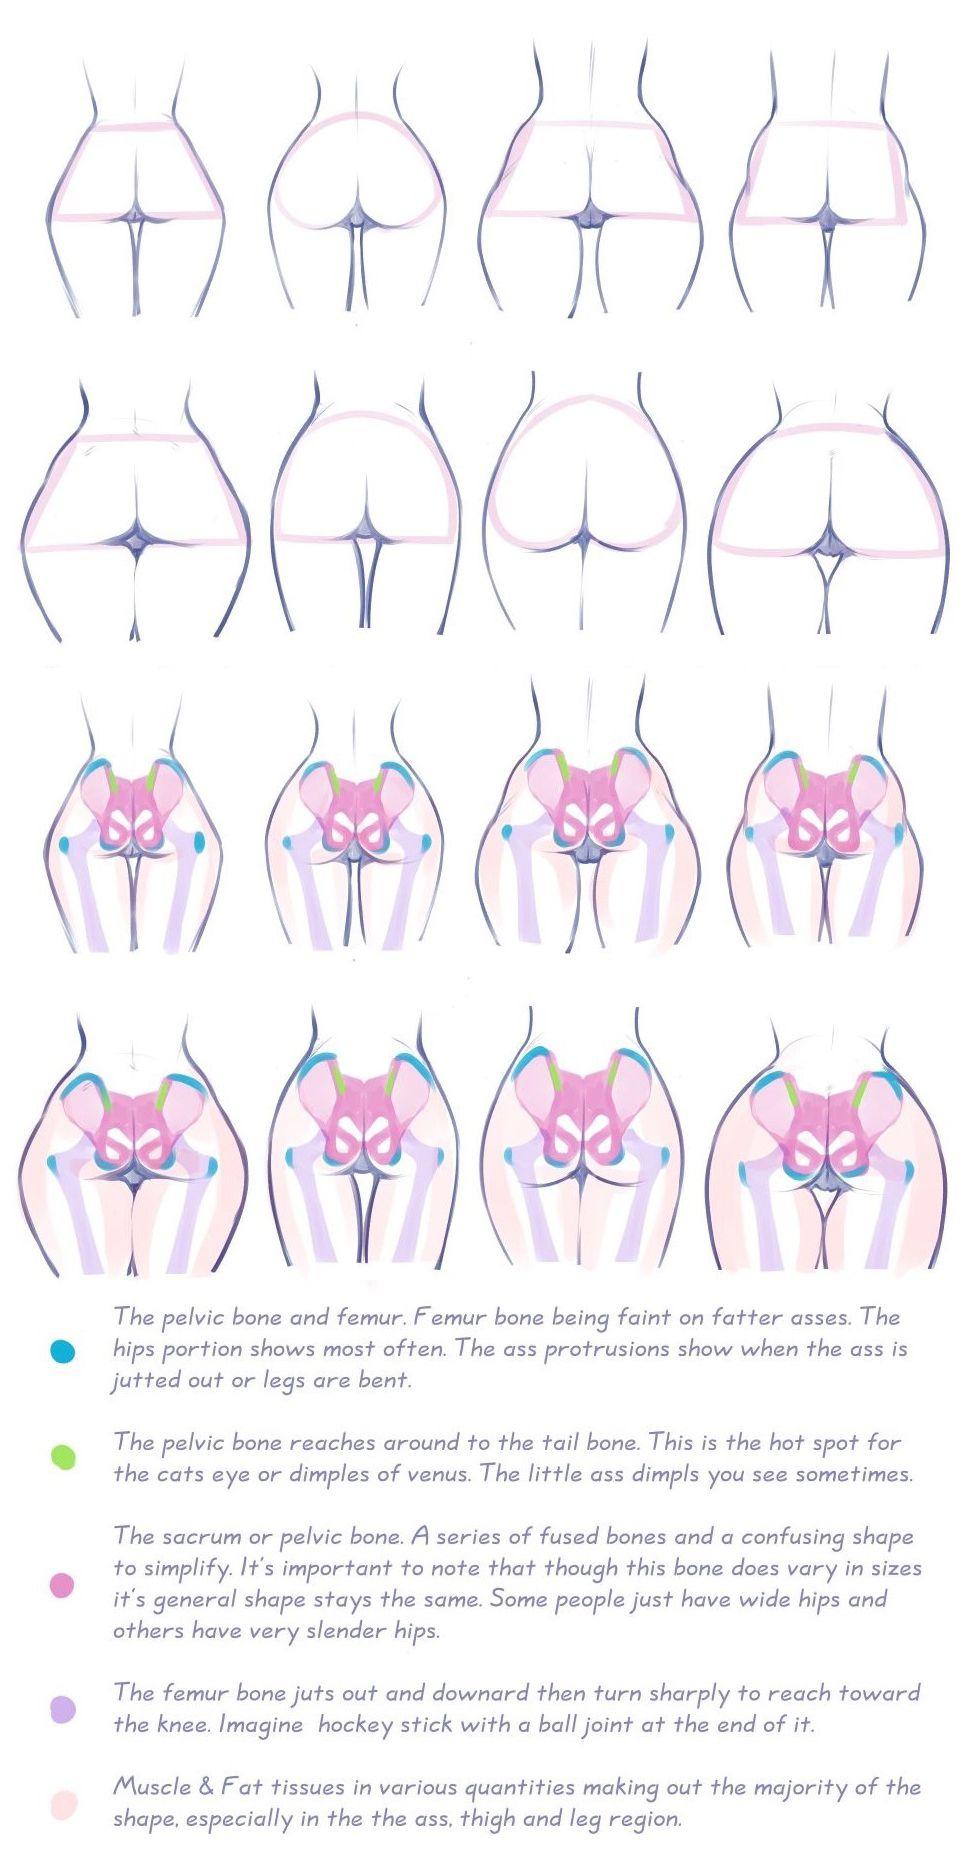 Gluteus Maximus (female). Hip, bones, fat deposit areas. Art by ...